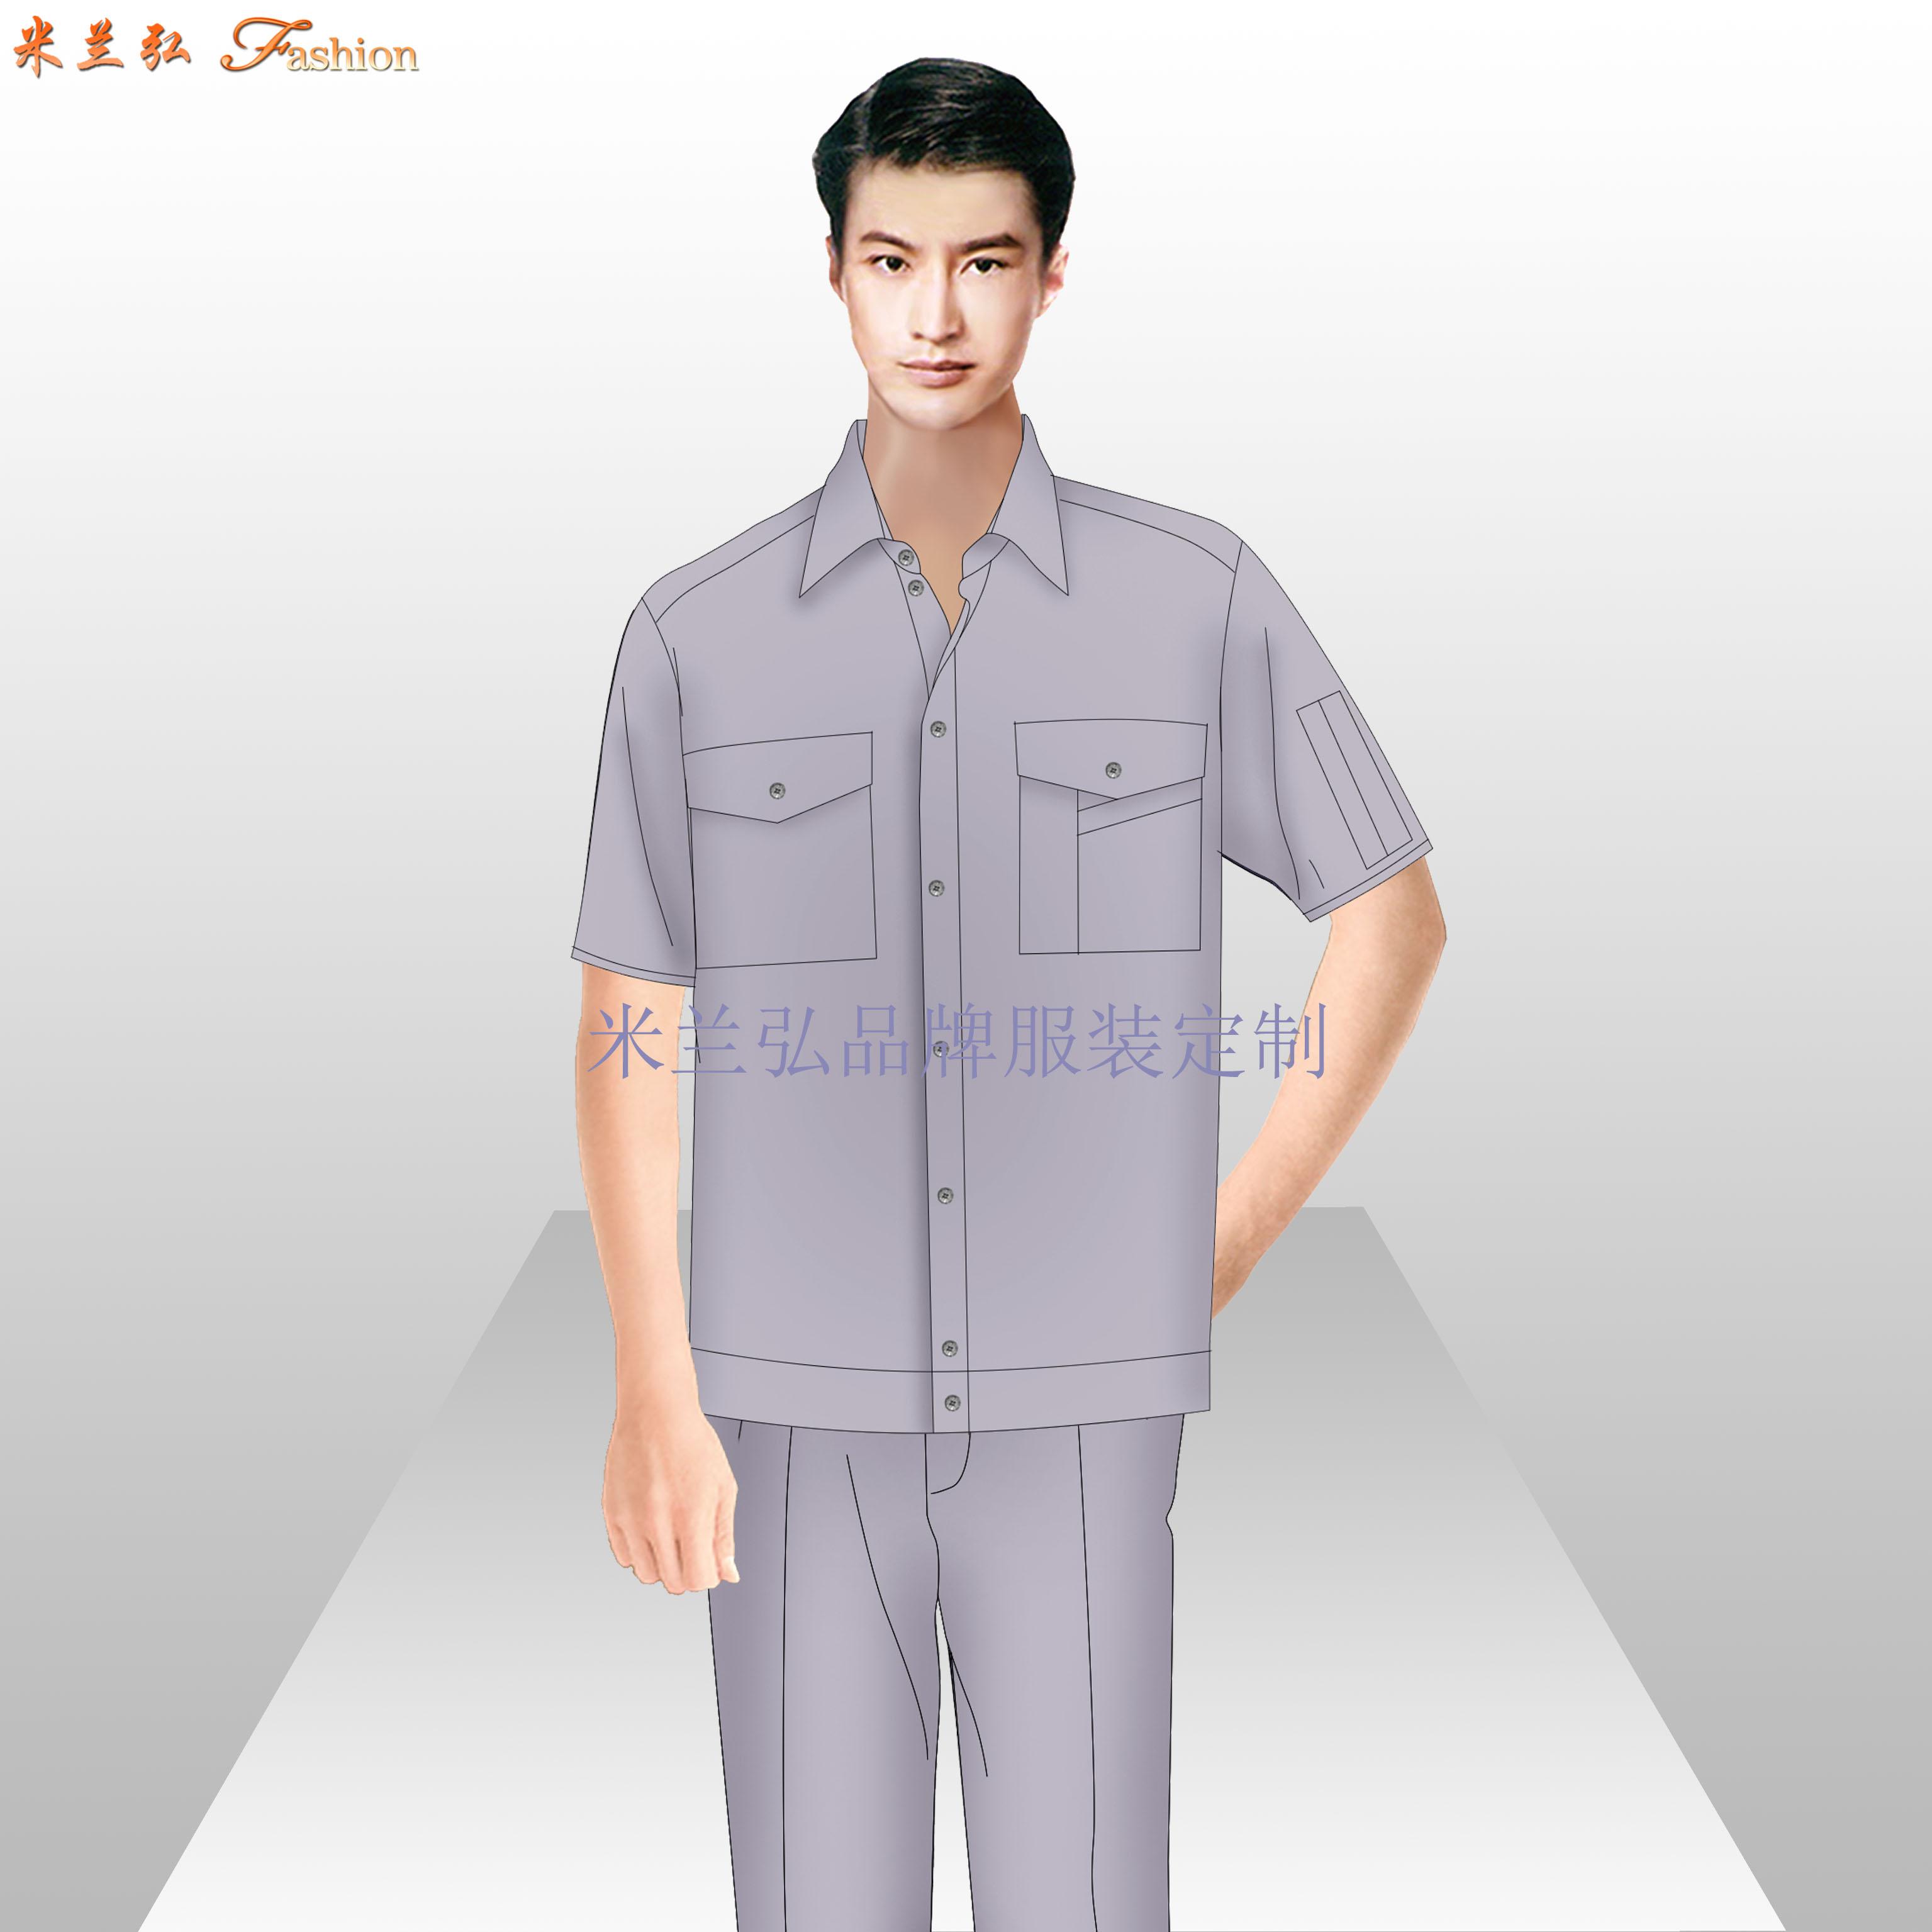 貴州工作服廠家-工作服定做價格圖片-米蘭弘服裝-4